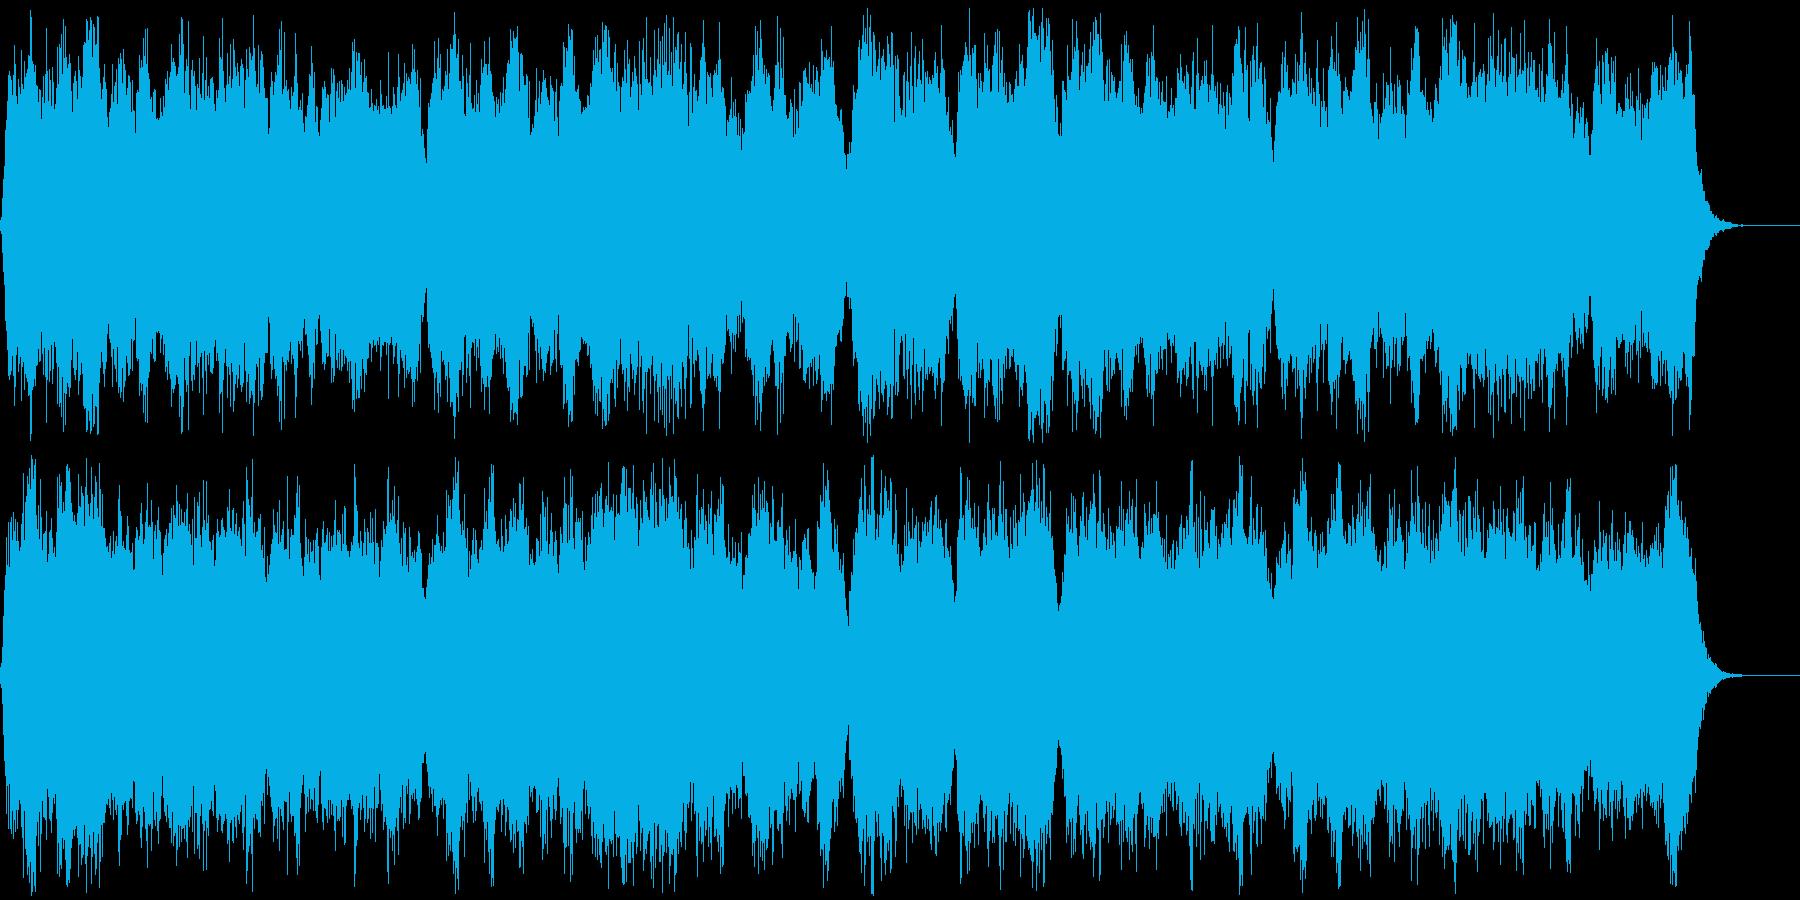 薄暗い教会で流れていそうな合唱曲の再生済みの波形